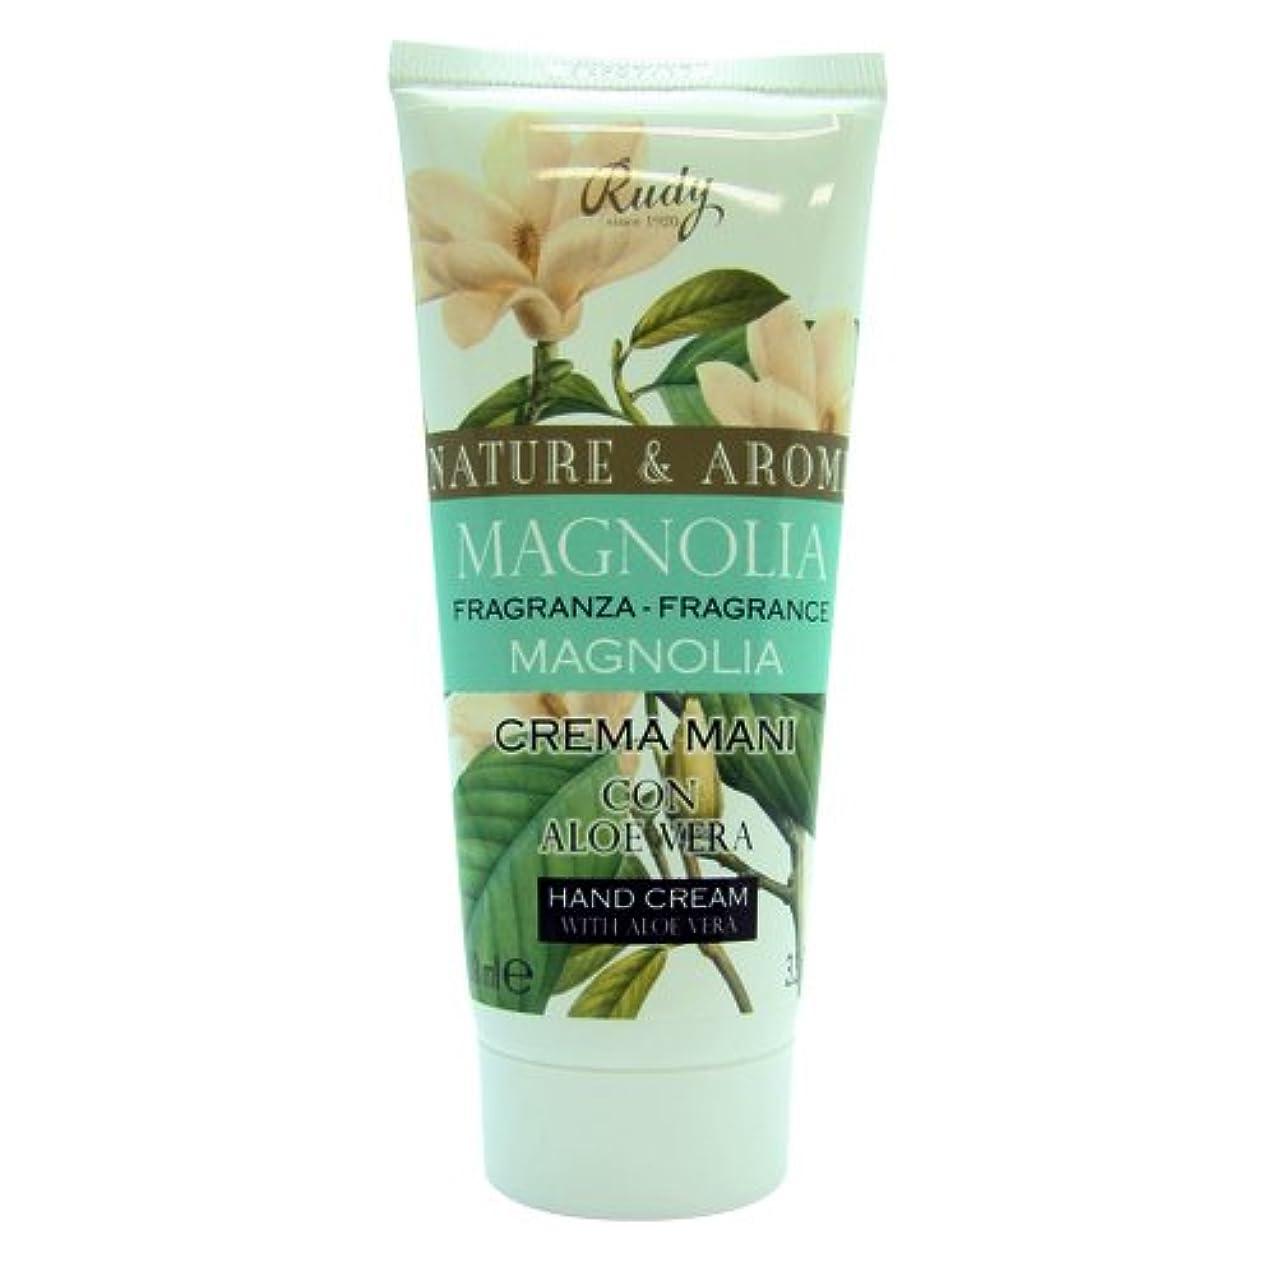 エスカレートペース引っ張るRUDY Nature&Arome SERIES ルディ ナチュール&アロマ Hand Cream ハンドクリーム  Magnolia マグノリア